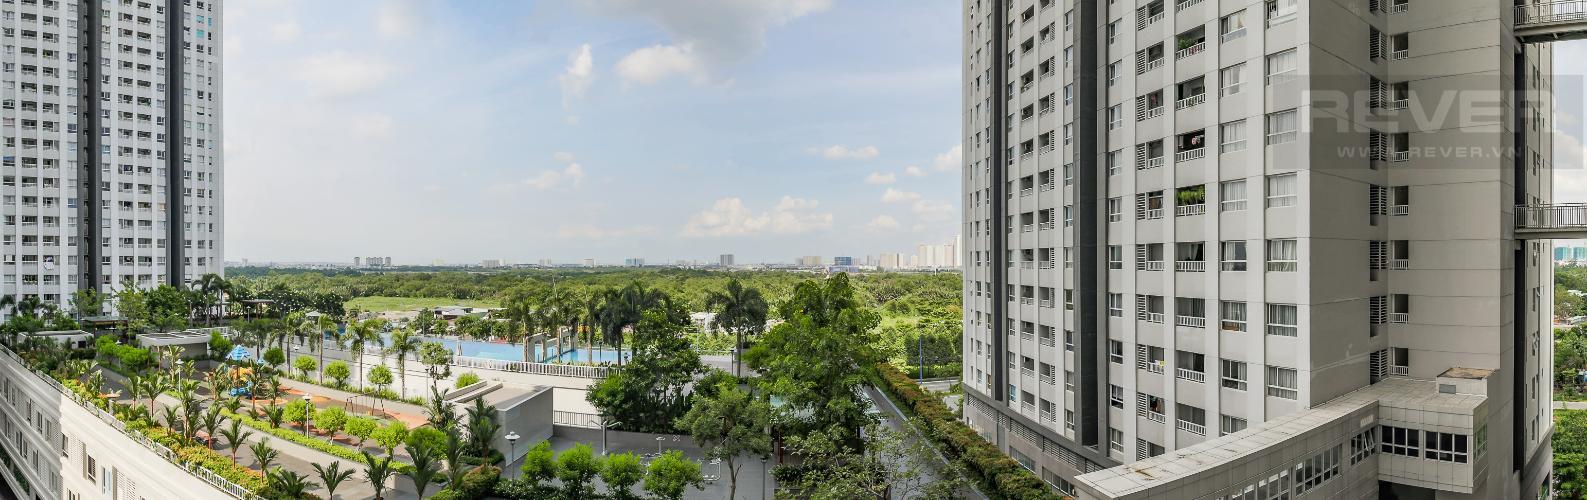 View Cho thuê căn hộ Lexington Residence 2PN, tháp LB, đầy đủ nội thất, view Quận 2 xanh mát